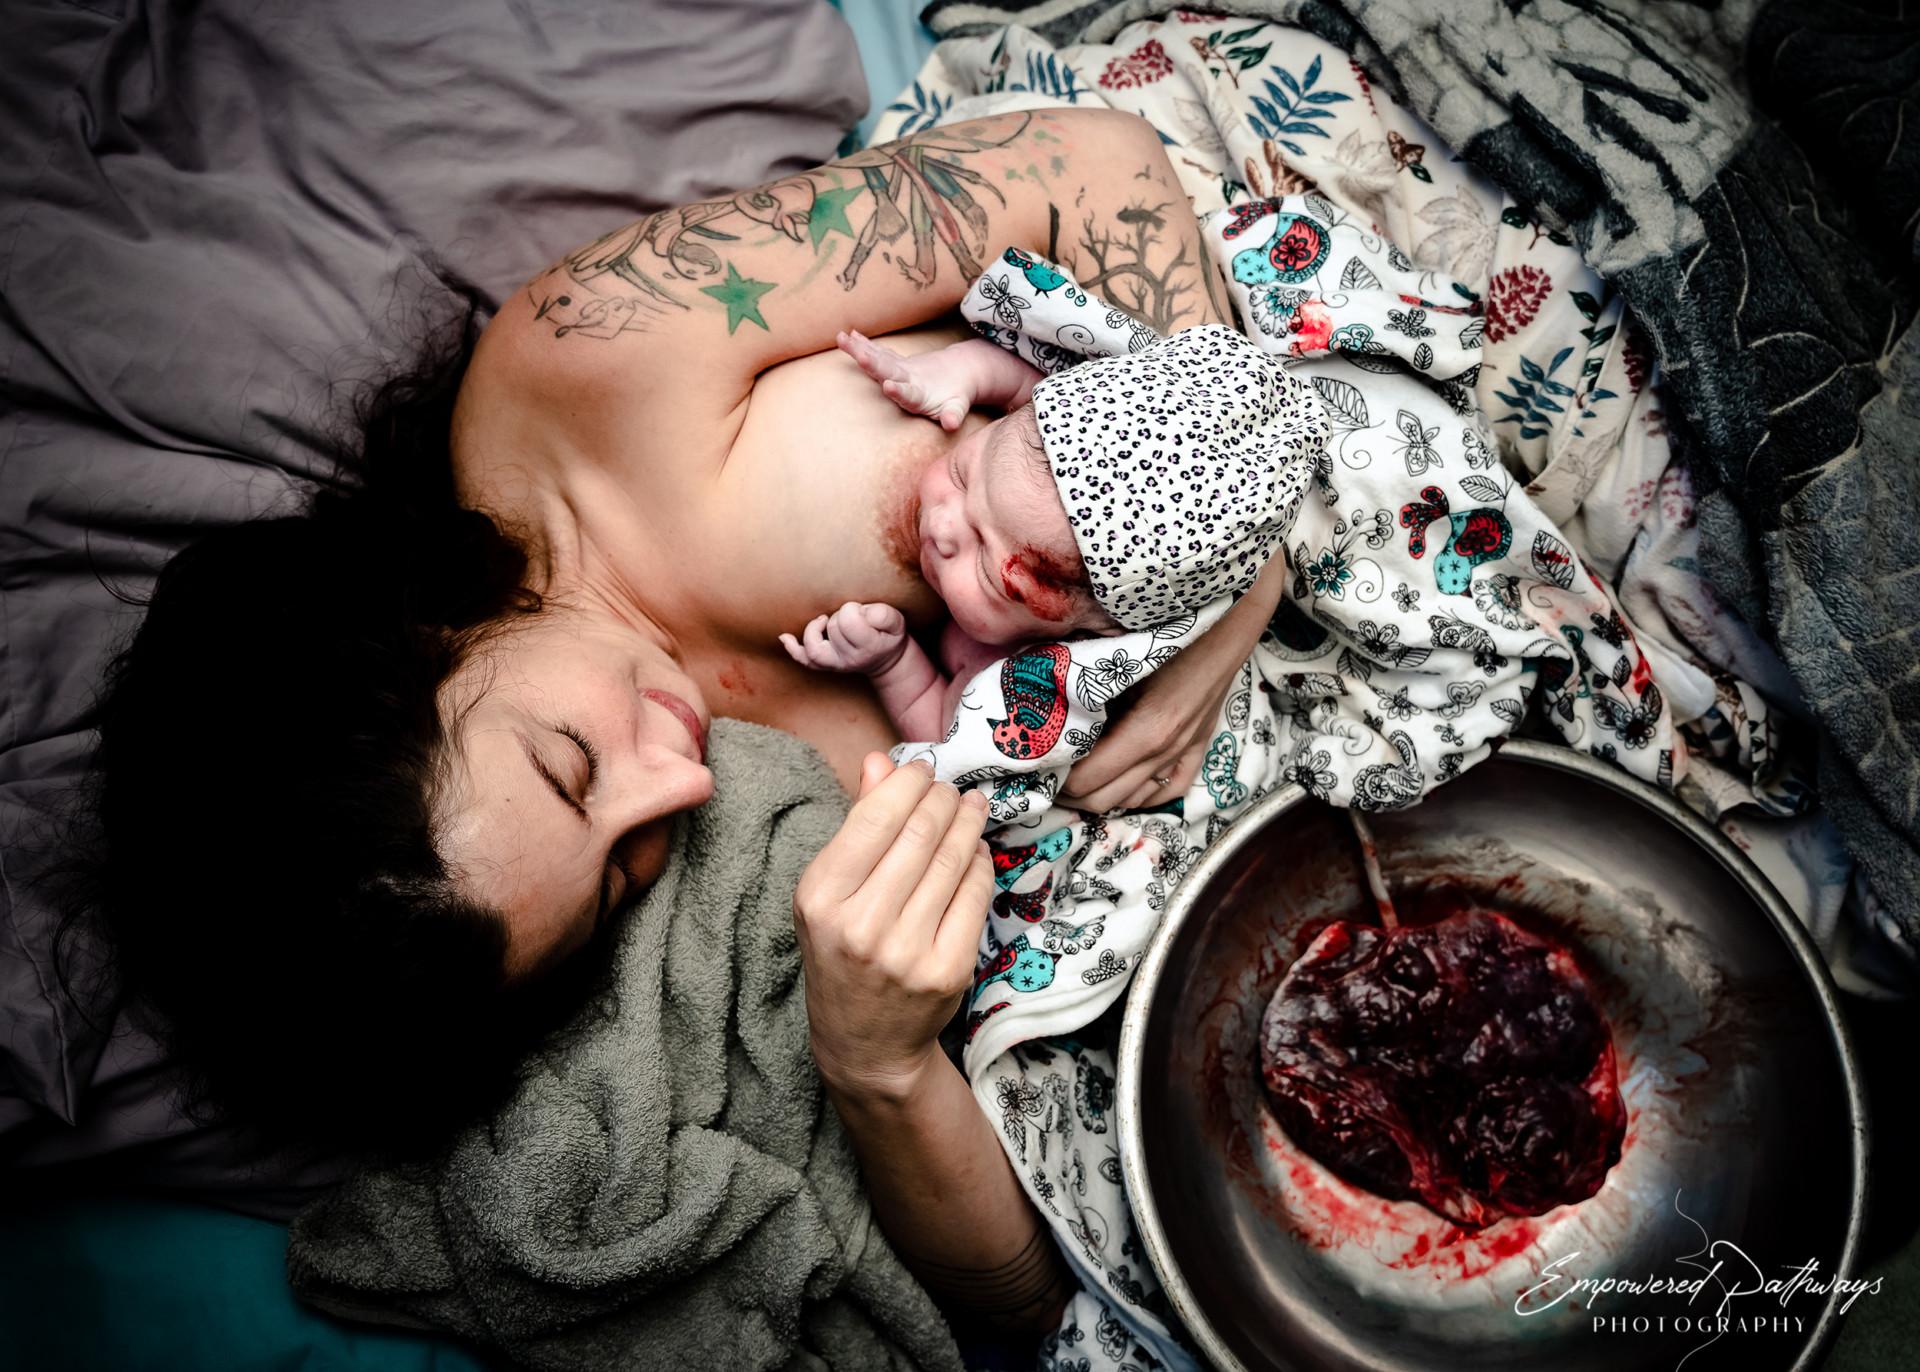 Une femme allongée dans un lit avec le placenta dans un bol à côté d'elle, allaite son nouveau-né